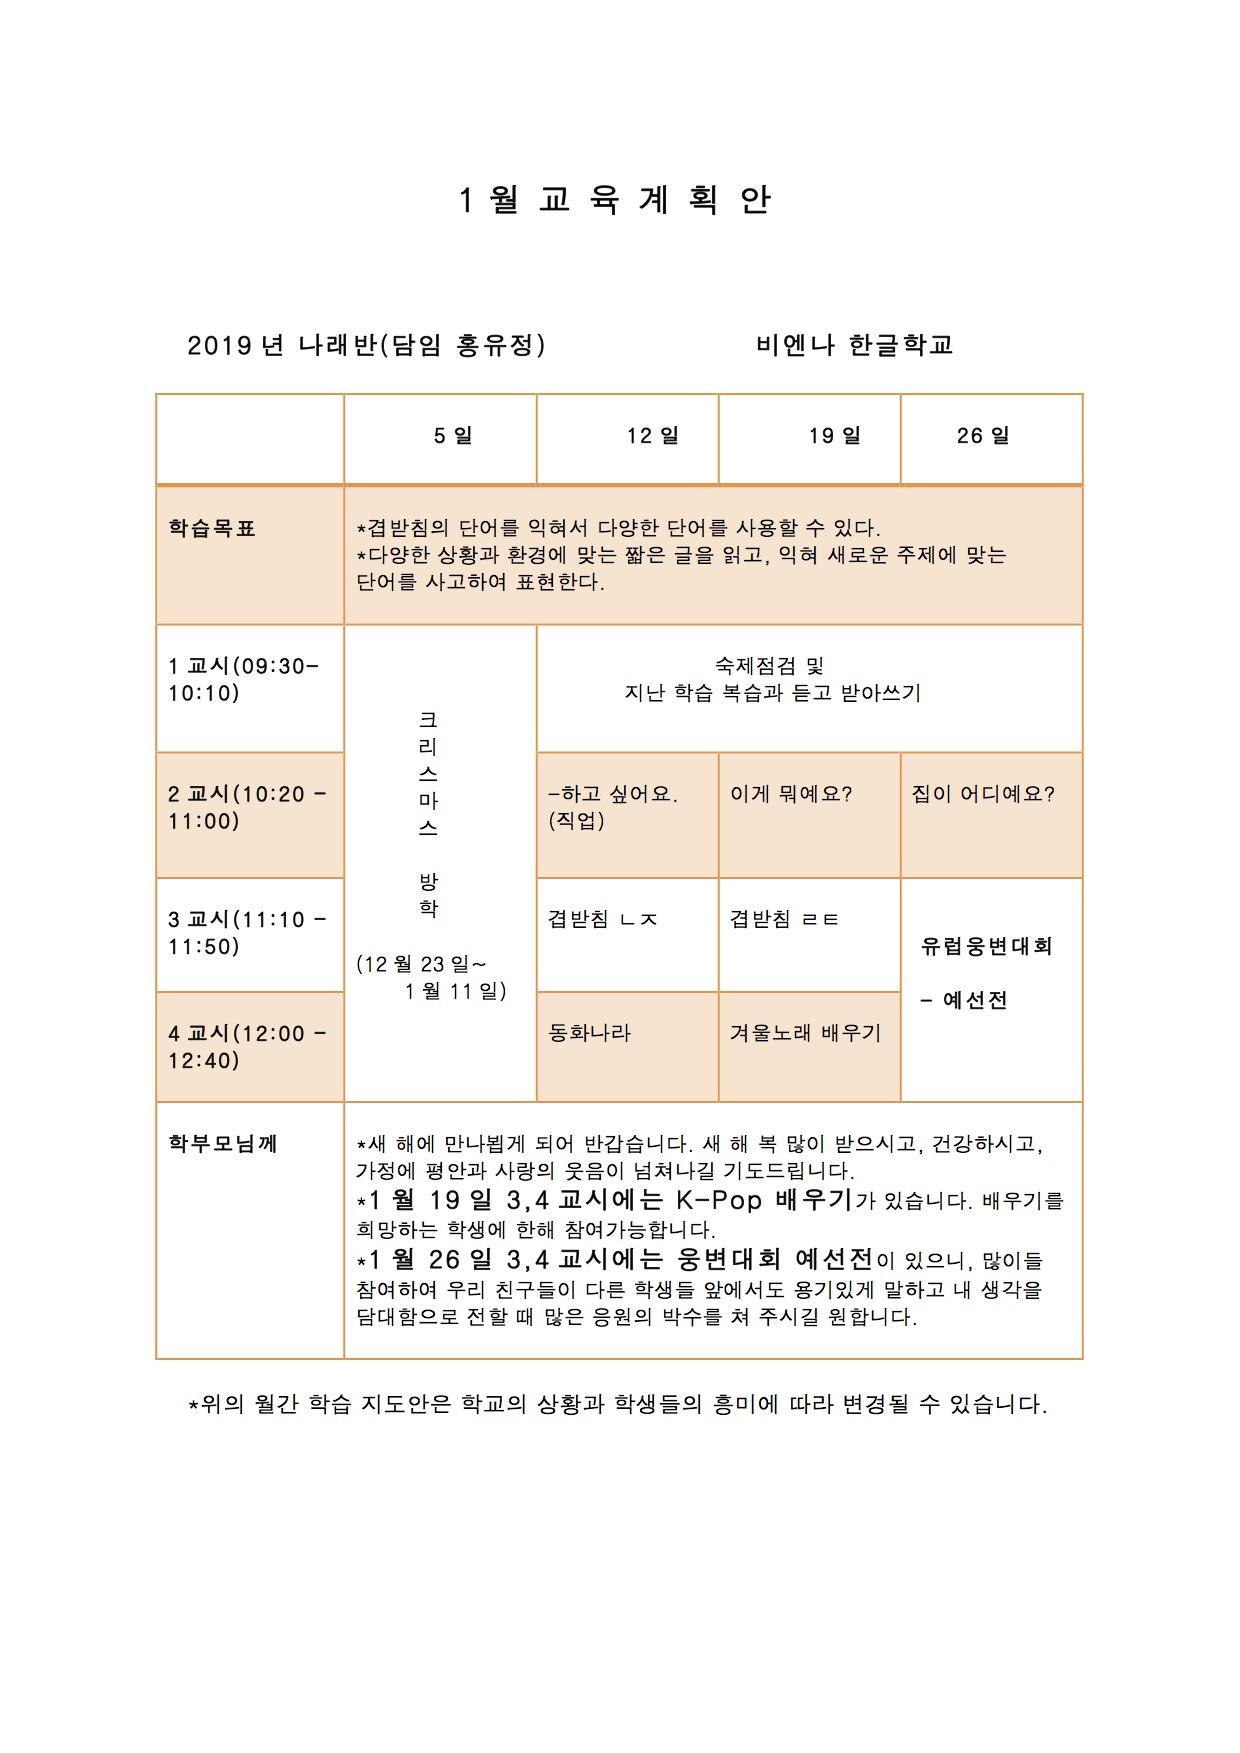 2019년 1월 교 육 계 획 안 복사본.jpg